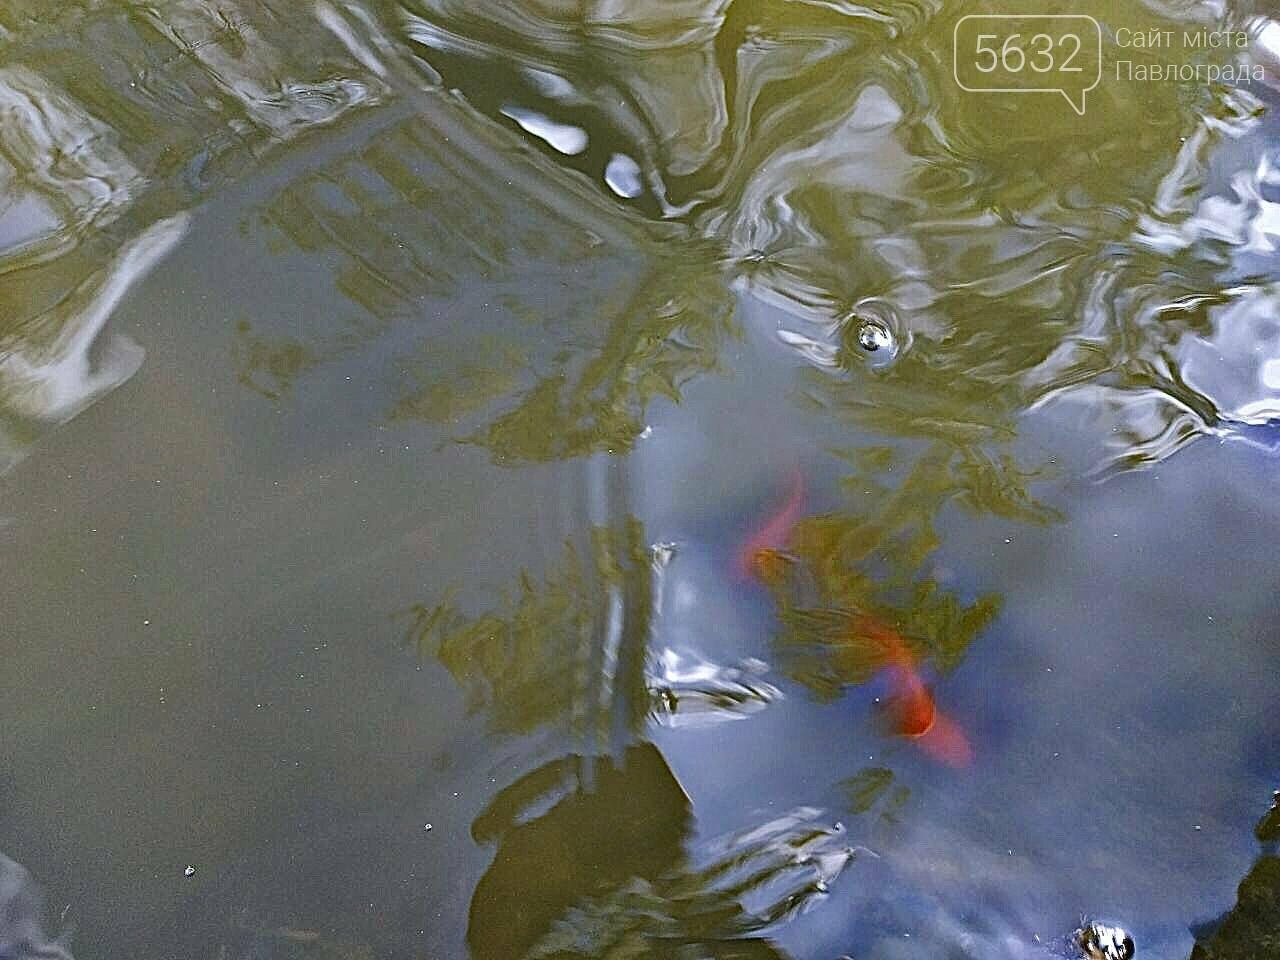 В Детском парке Павлограда включили фонтан и запустили в него рыбок (ФОТОФАКТ), фото-4